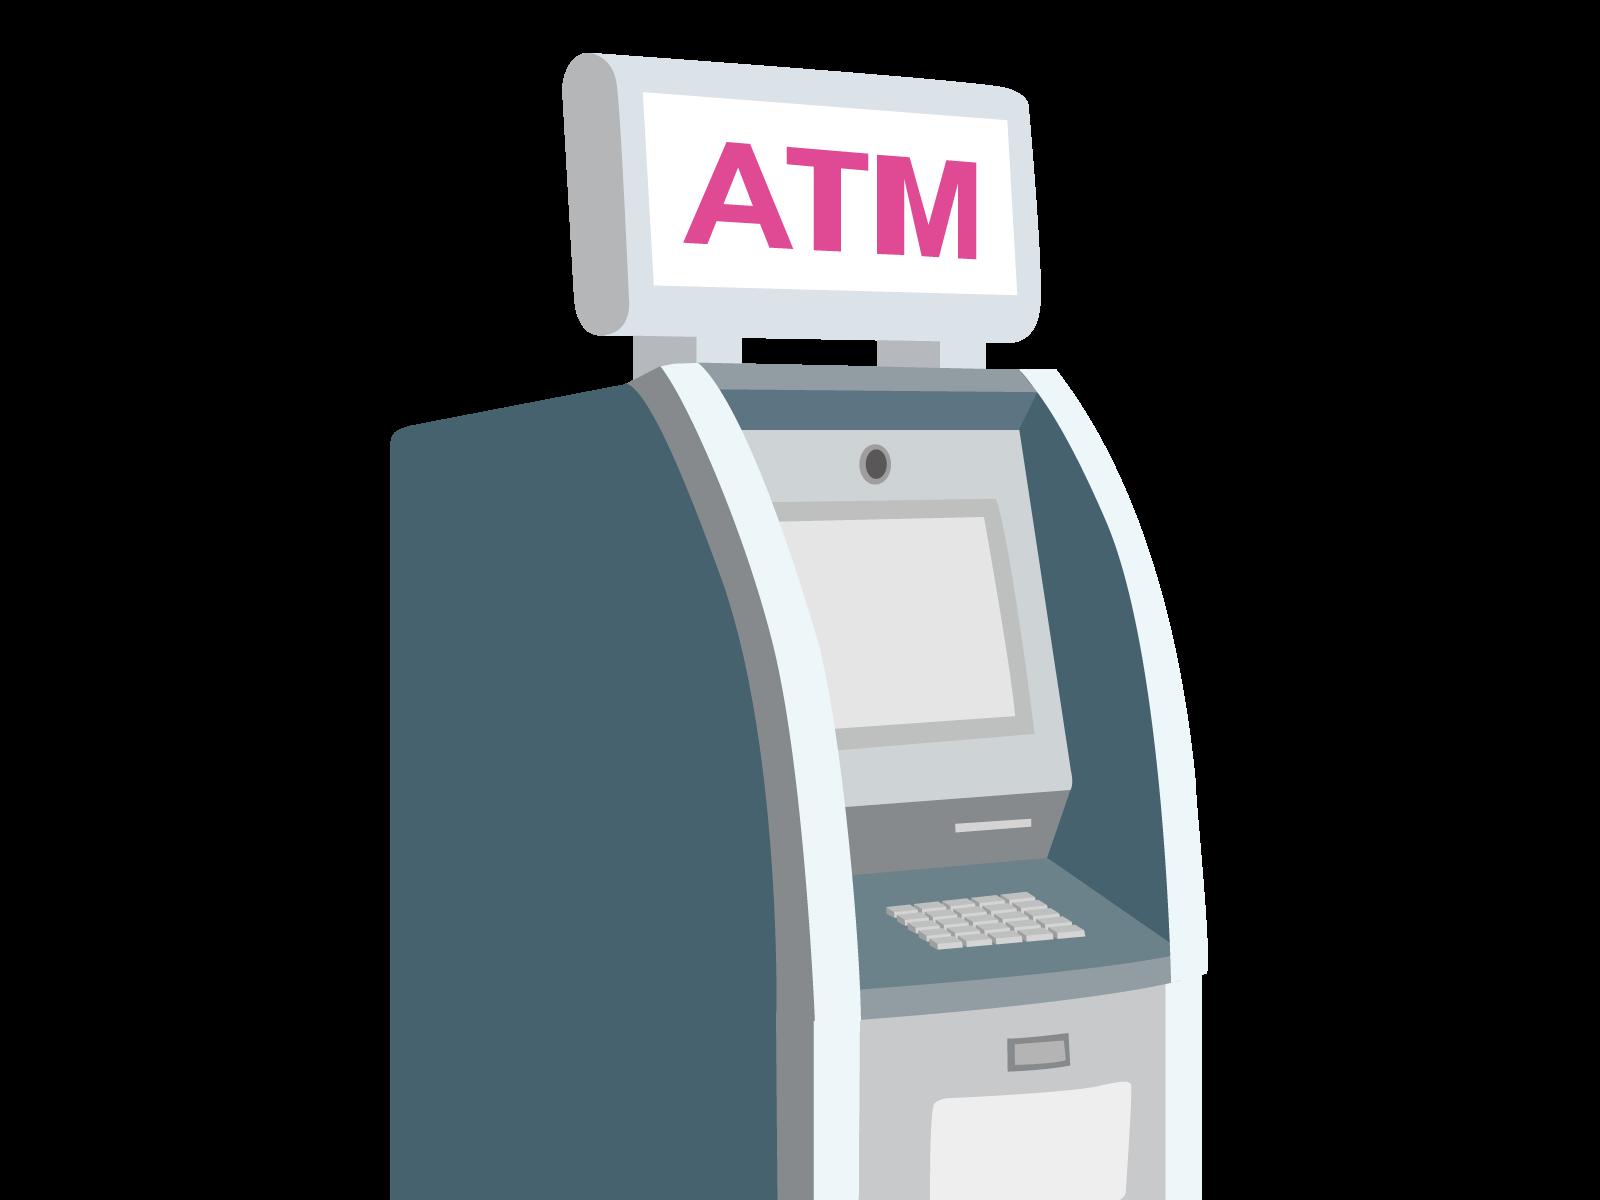 銀行ATMのイラスト